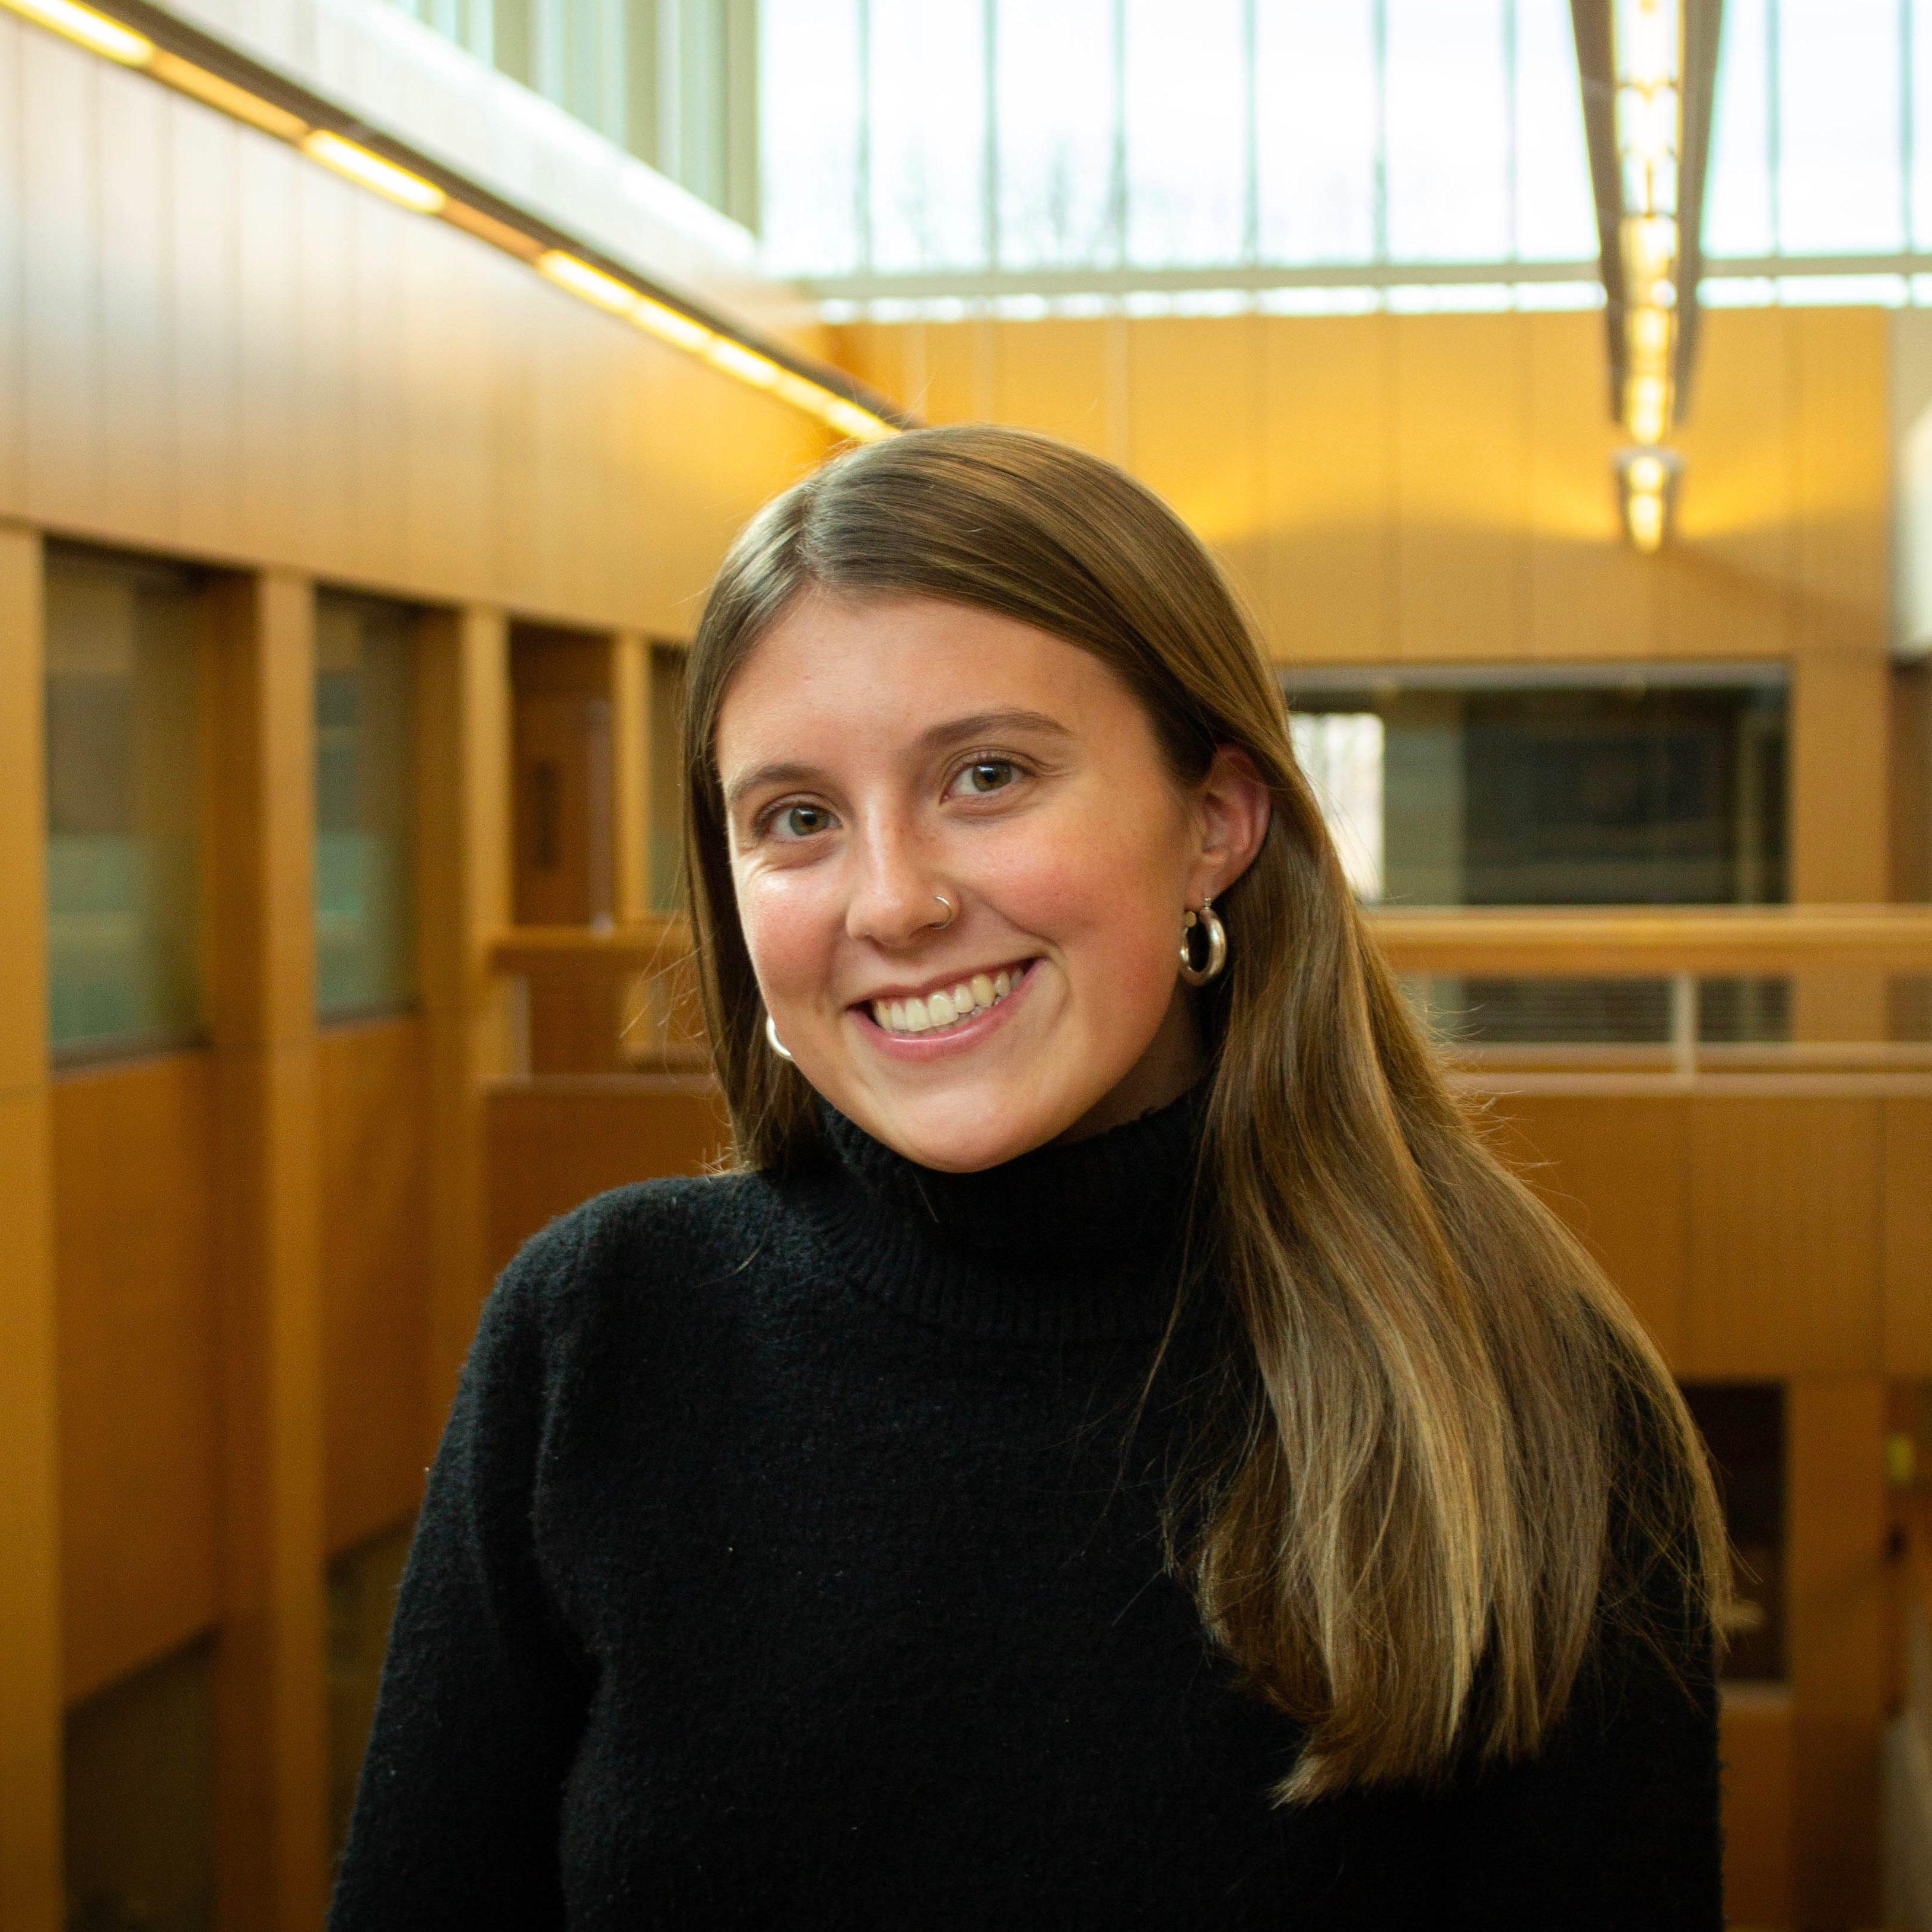 Maggie Bahnson